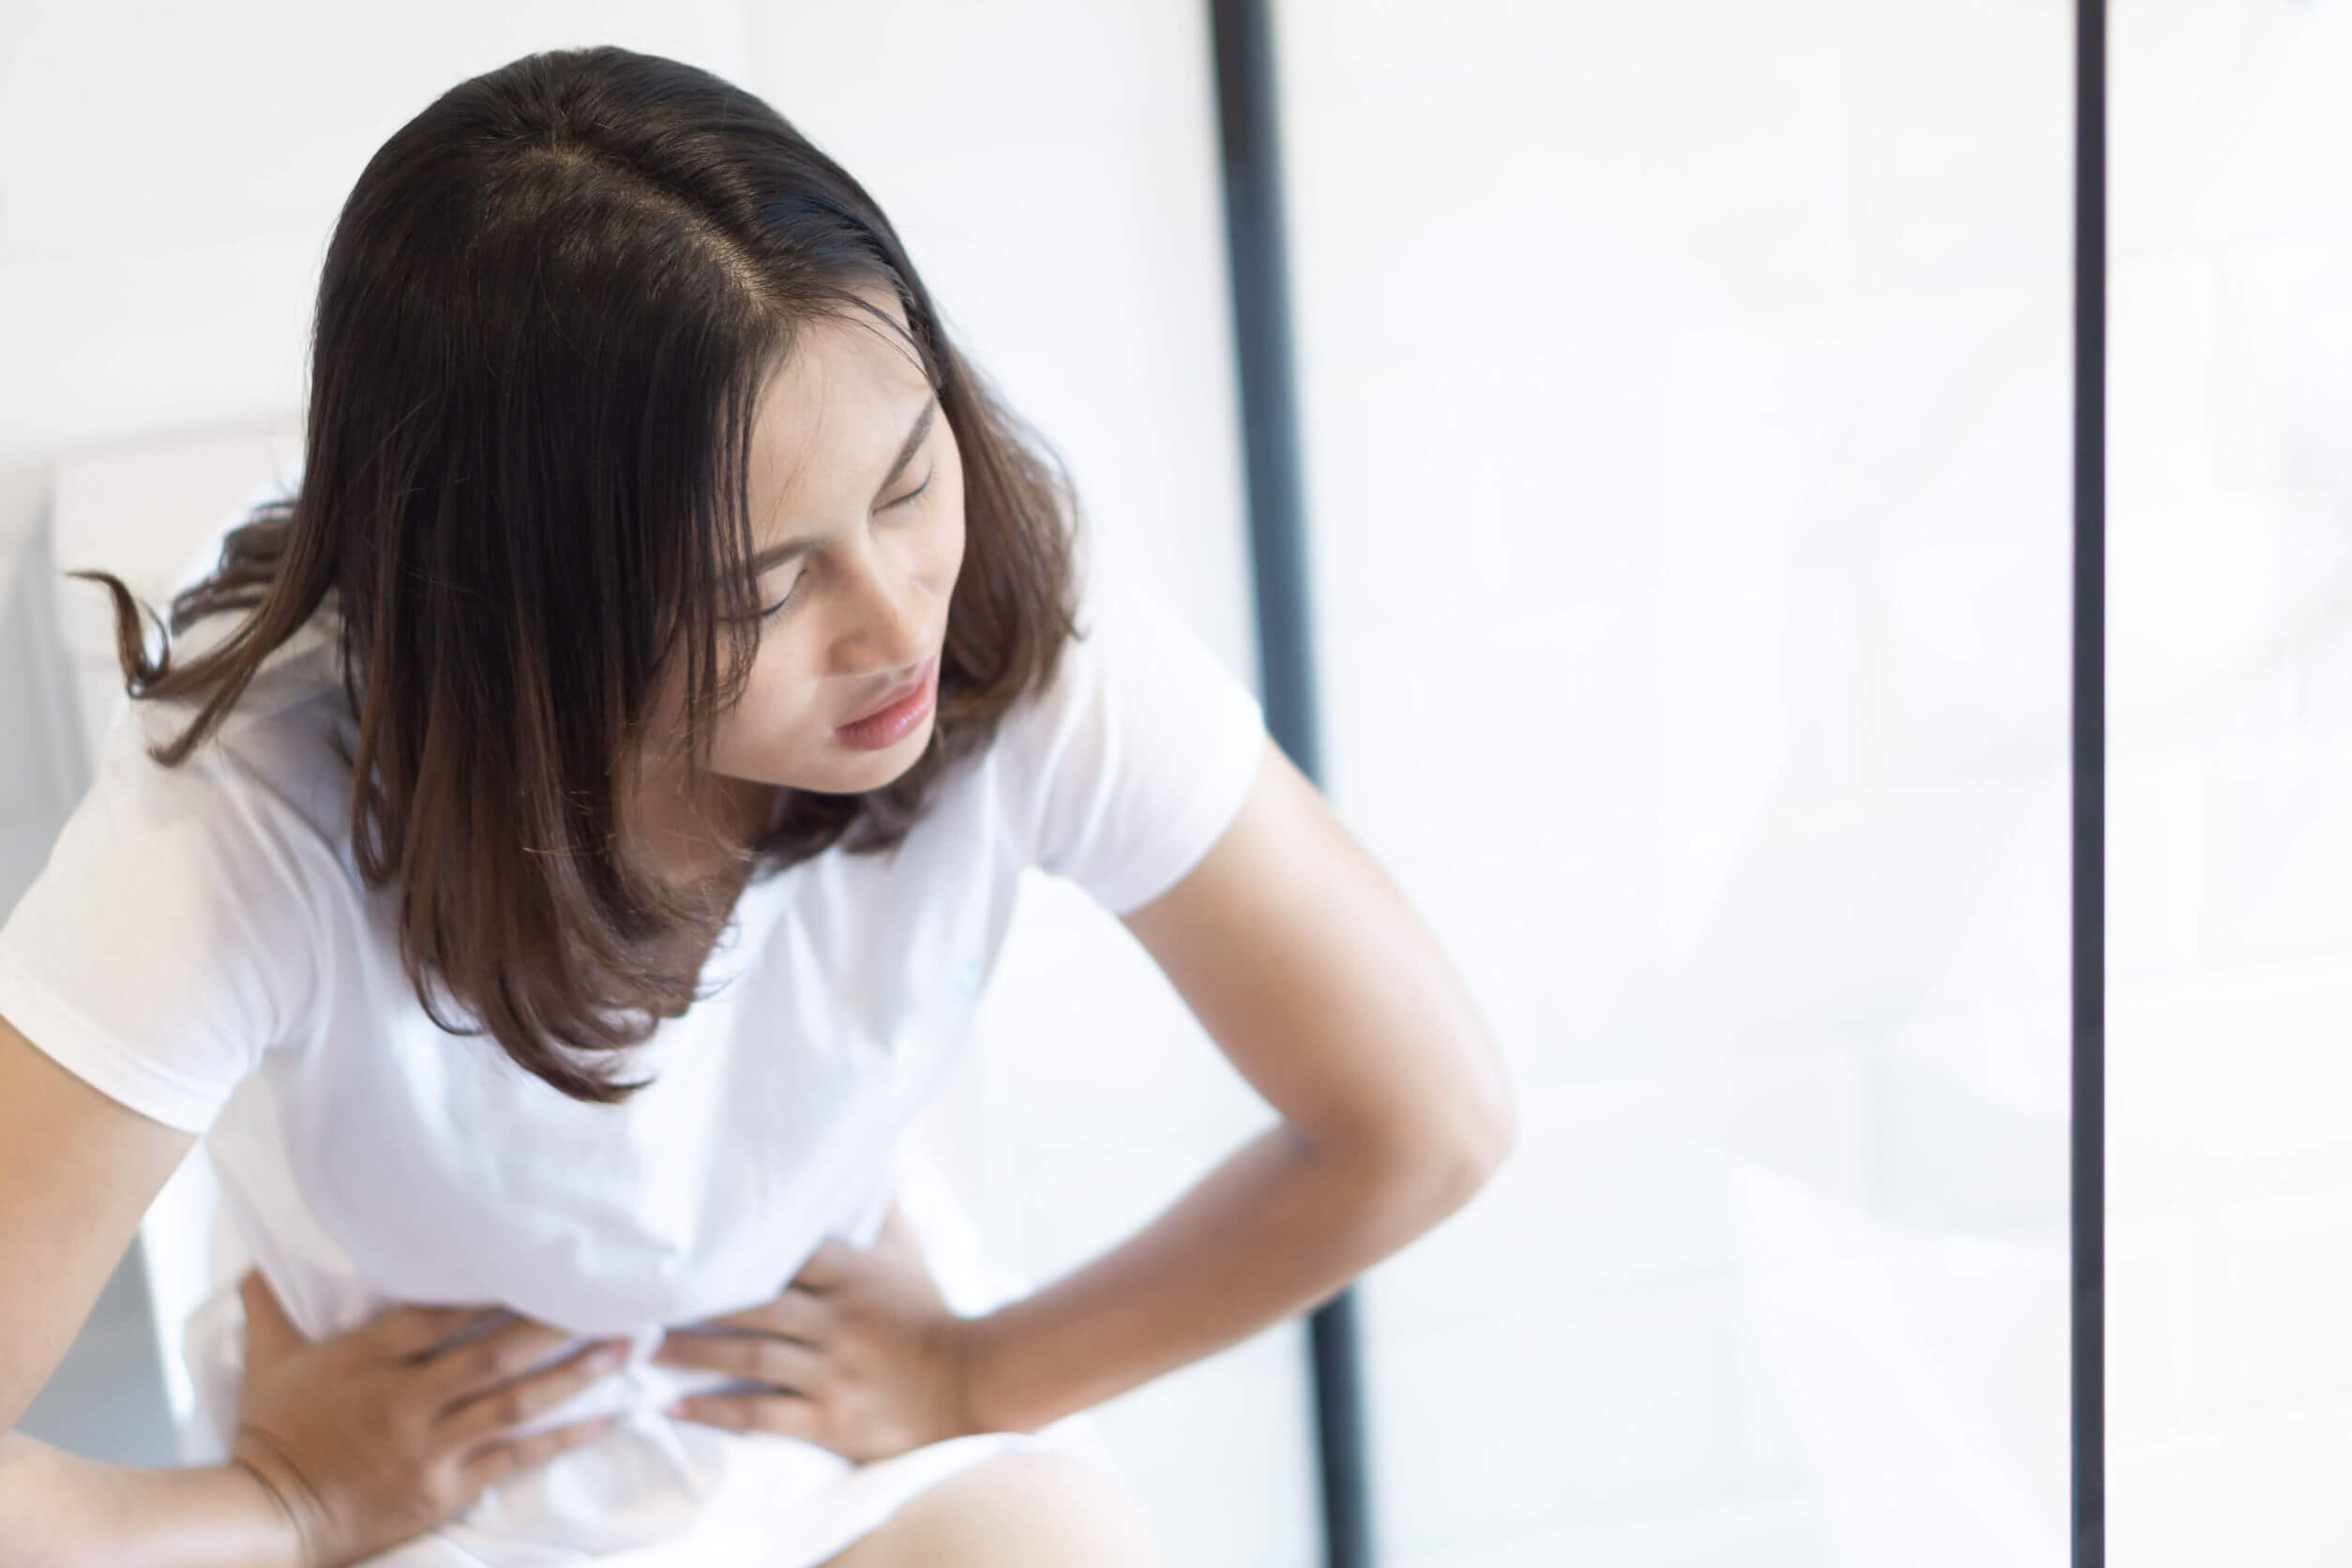 La cistitis es más frecuente en mujeres.